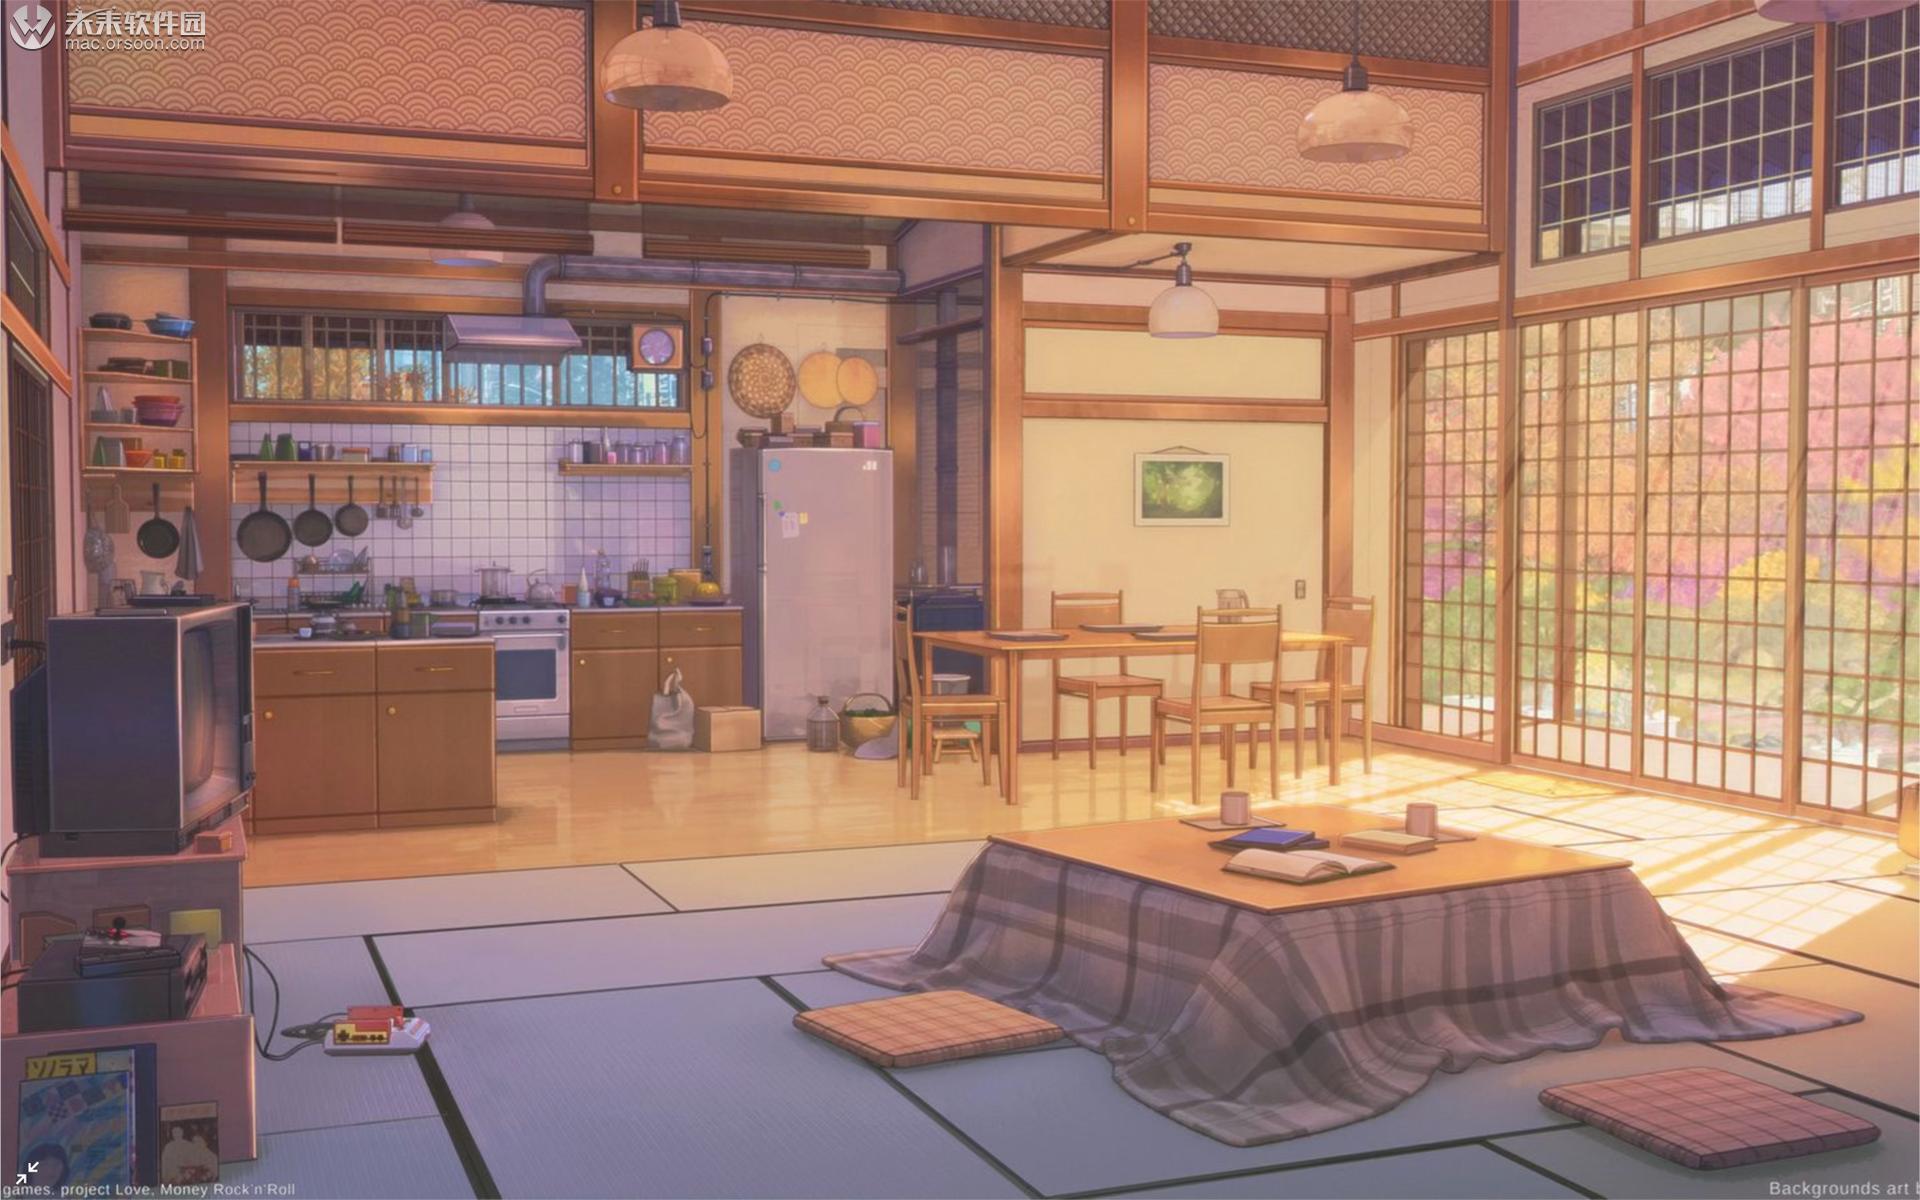 唯美日本动漫室内Mac动态壁纸